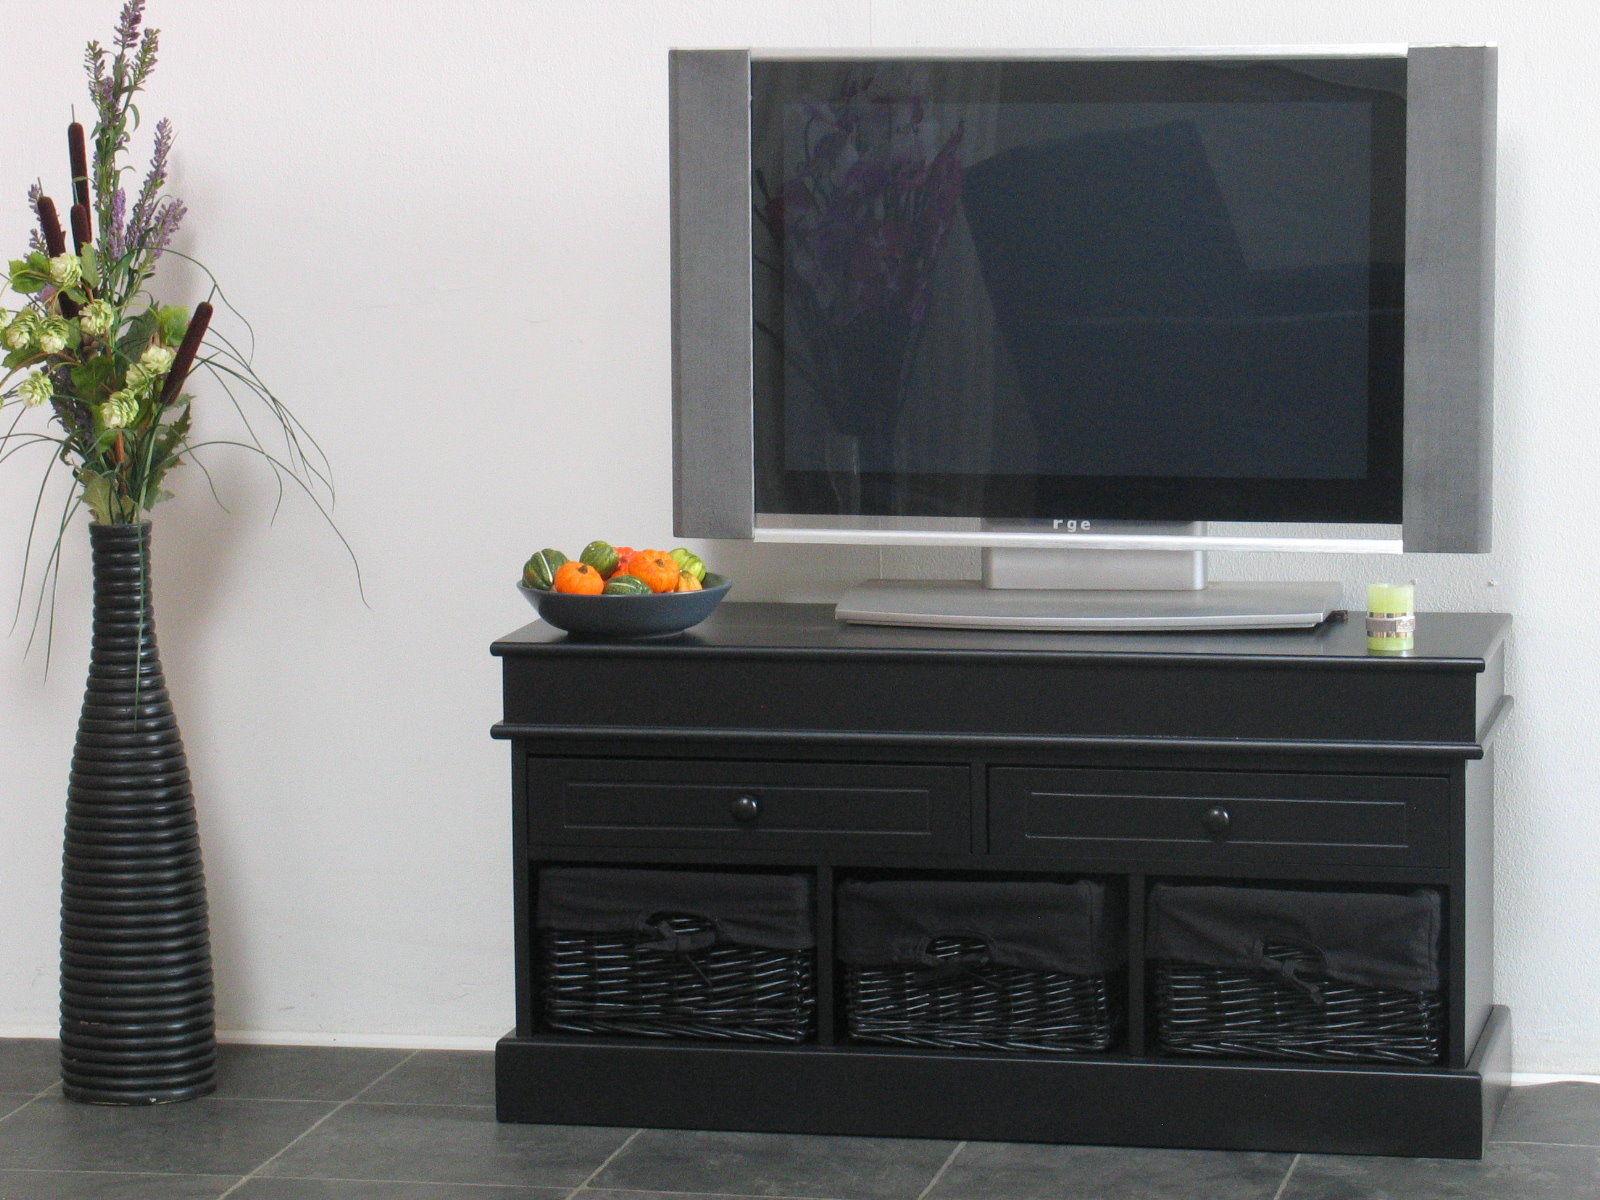 tv hifi m bel trine sideboard fernsehschrank kommode. Black Bedroom Furniture Sets. Home Design Ideas